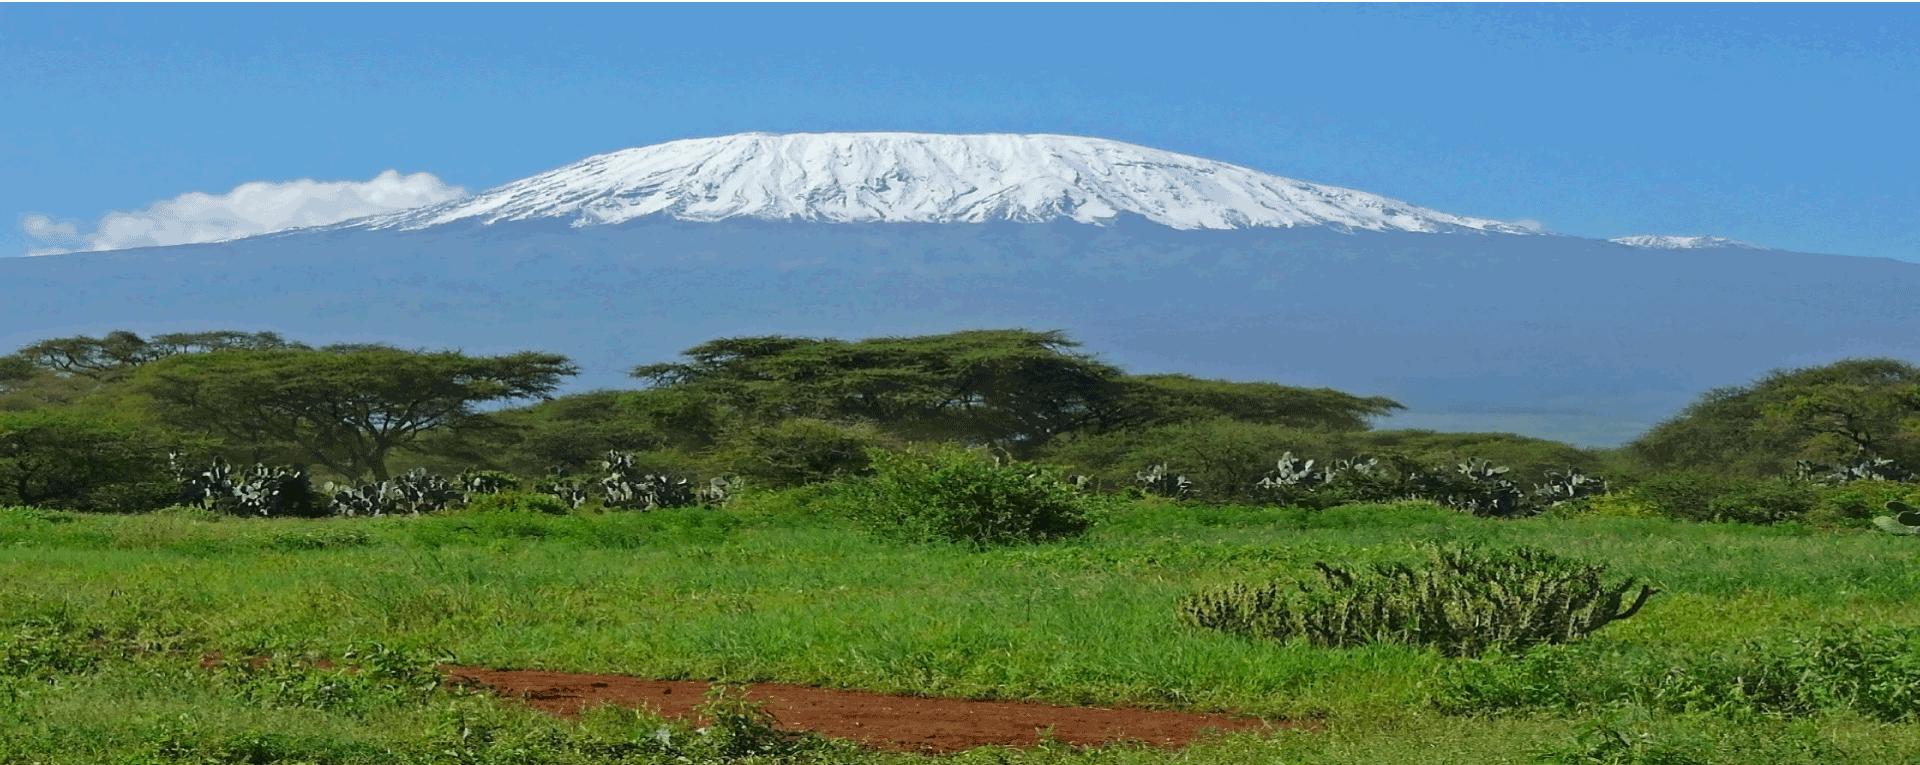 Mount Kilimanjaro-Marangu Route (8 Days)